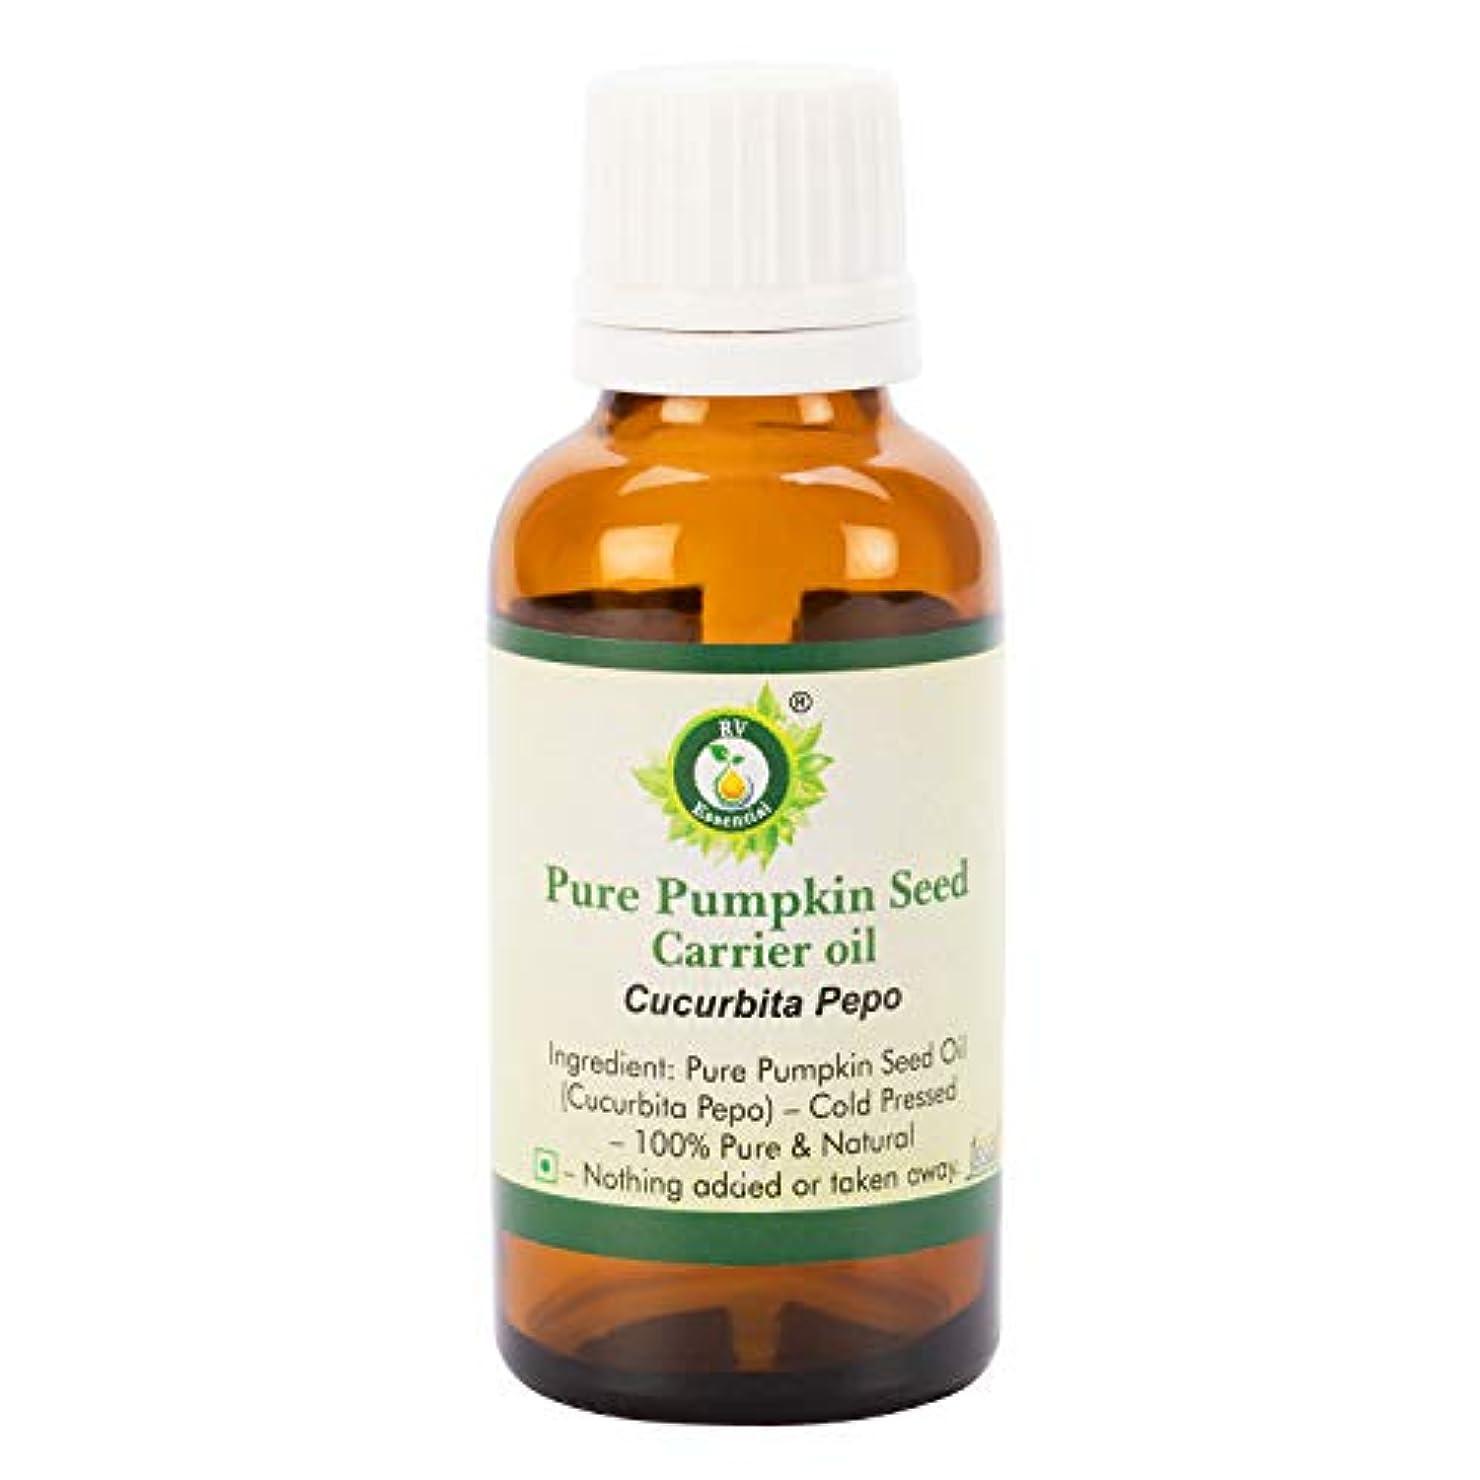 スキニー蒸留麻酔薬ピュアパンプキンシードオイルキャリア300ml (10oz)- Cucurbita Pepo (100%ピュア&ナチュラルコールドPressed) Pure Pumpkin Seed Carrier Oil